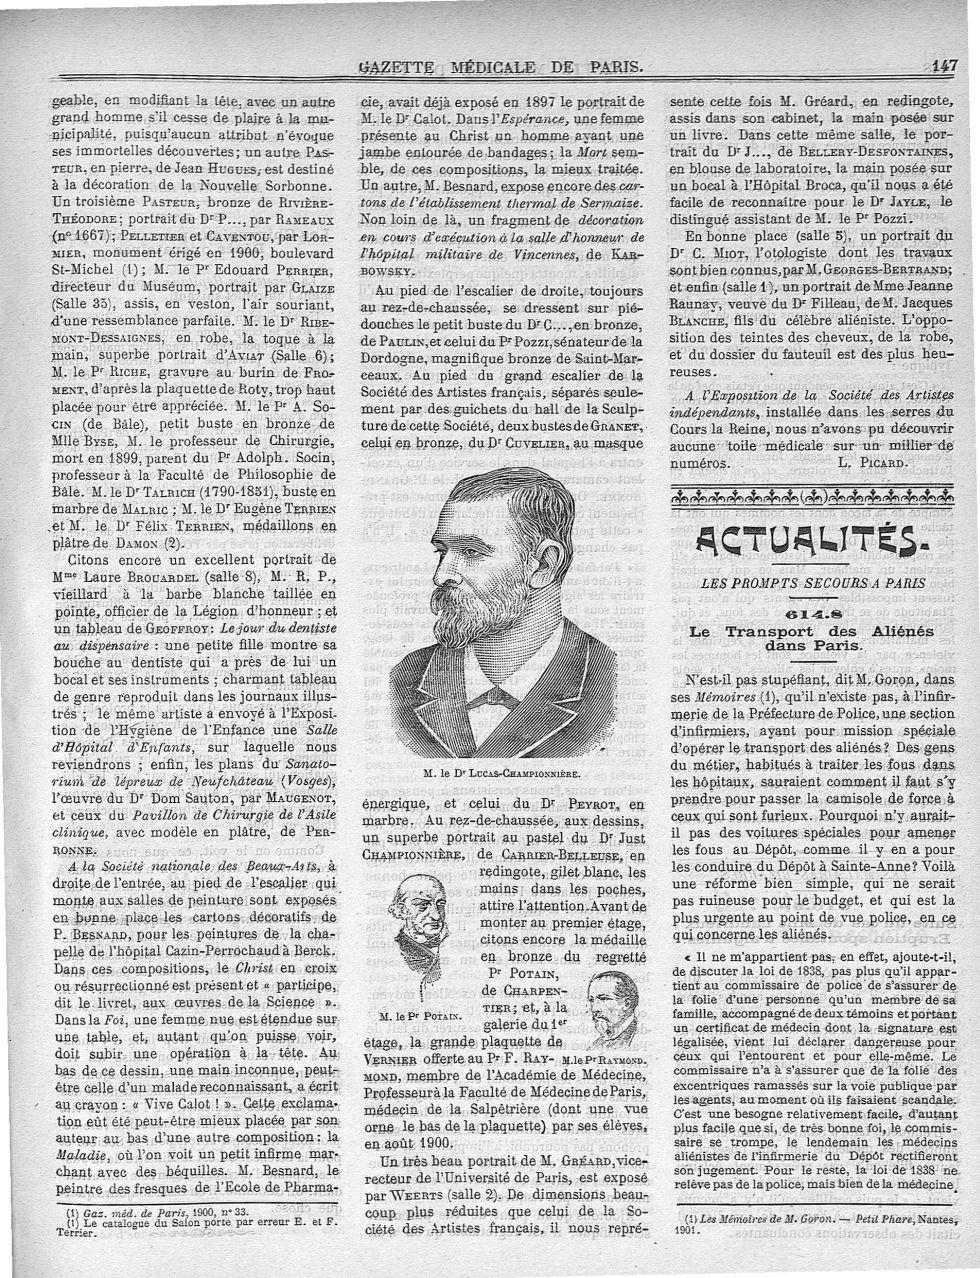 M. le Dr Lucas-Championnière / M. le Pr Potain / M. le Pr Raymond - Médecins. France. 19e siècle. 20e siècle - med90182X1901X01x0151